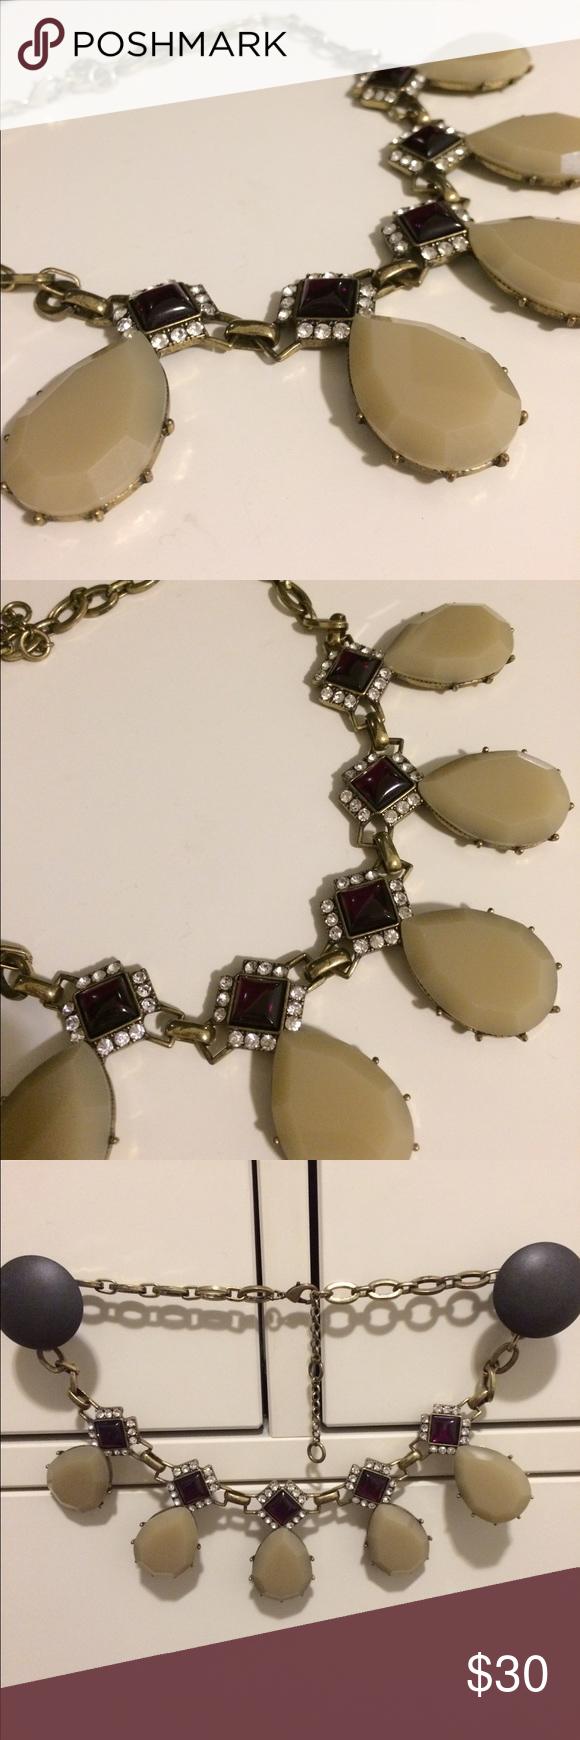 Anthropologie Necklace Anthropologie statement Necklace. Anthropologie Jewelry Necklaces